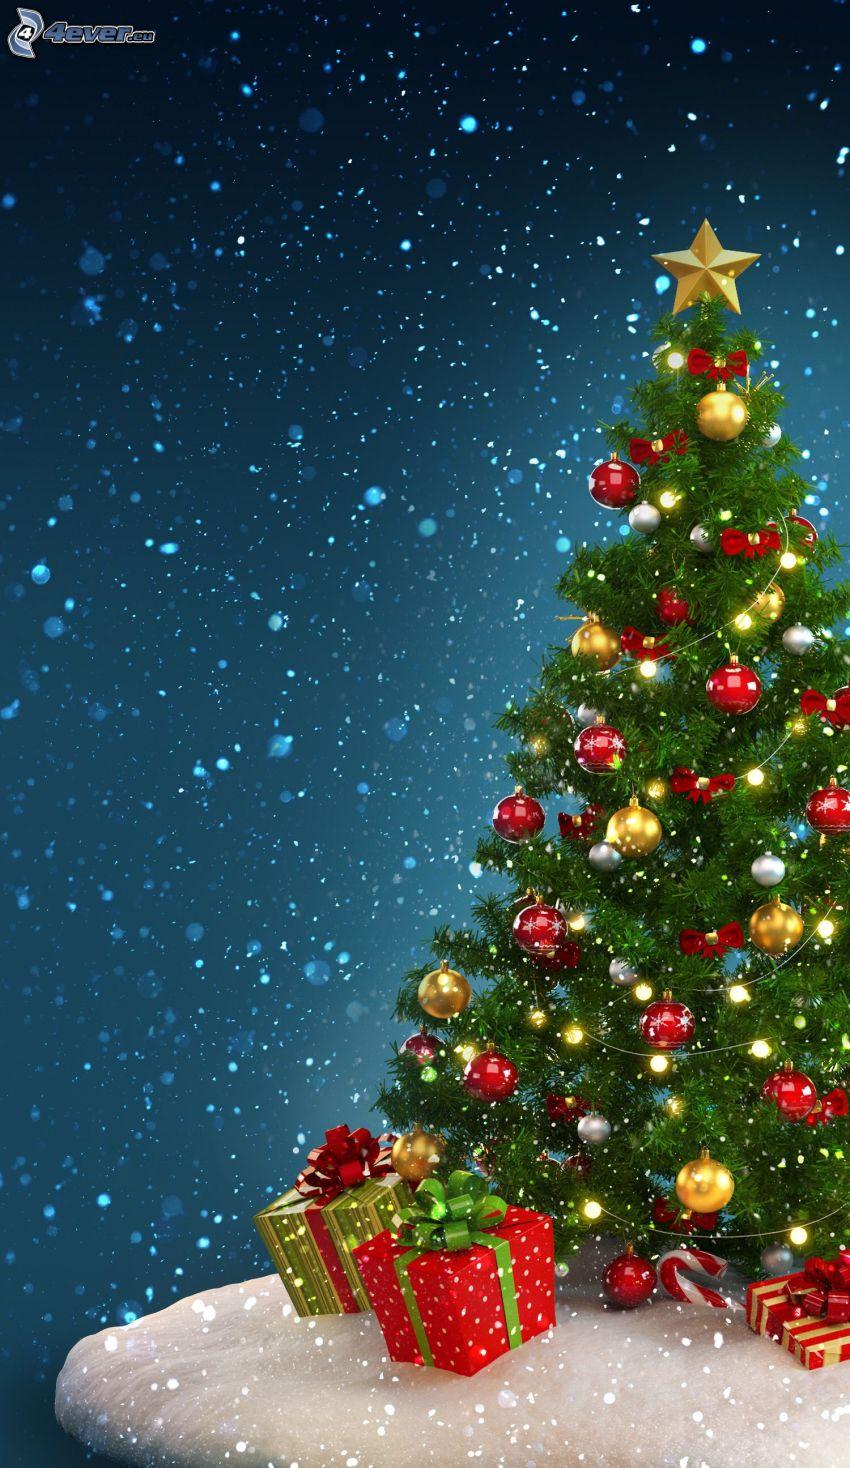 christmas tree, christmas balls, gifts, snowfall, cartoon